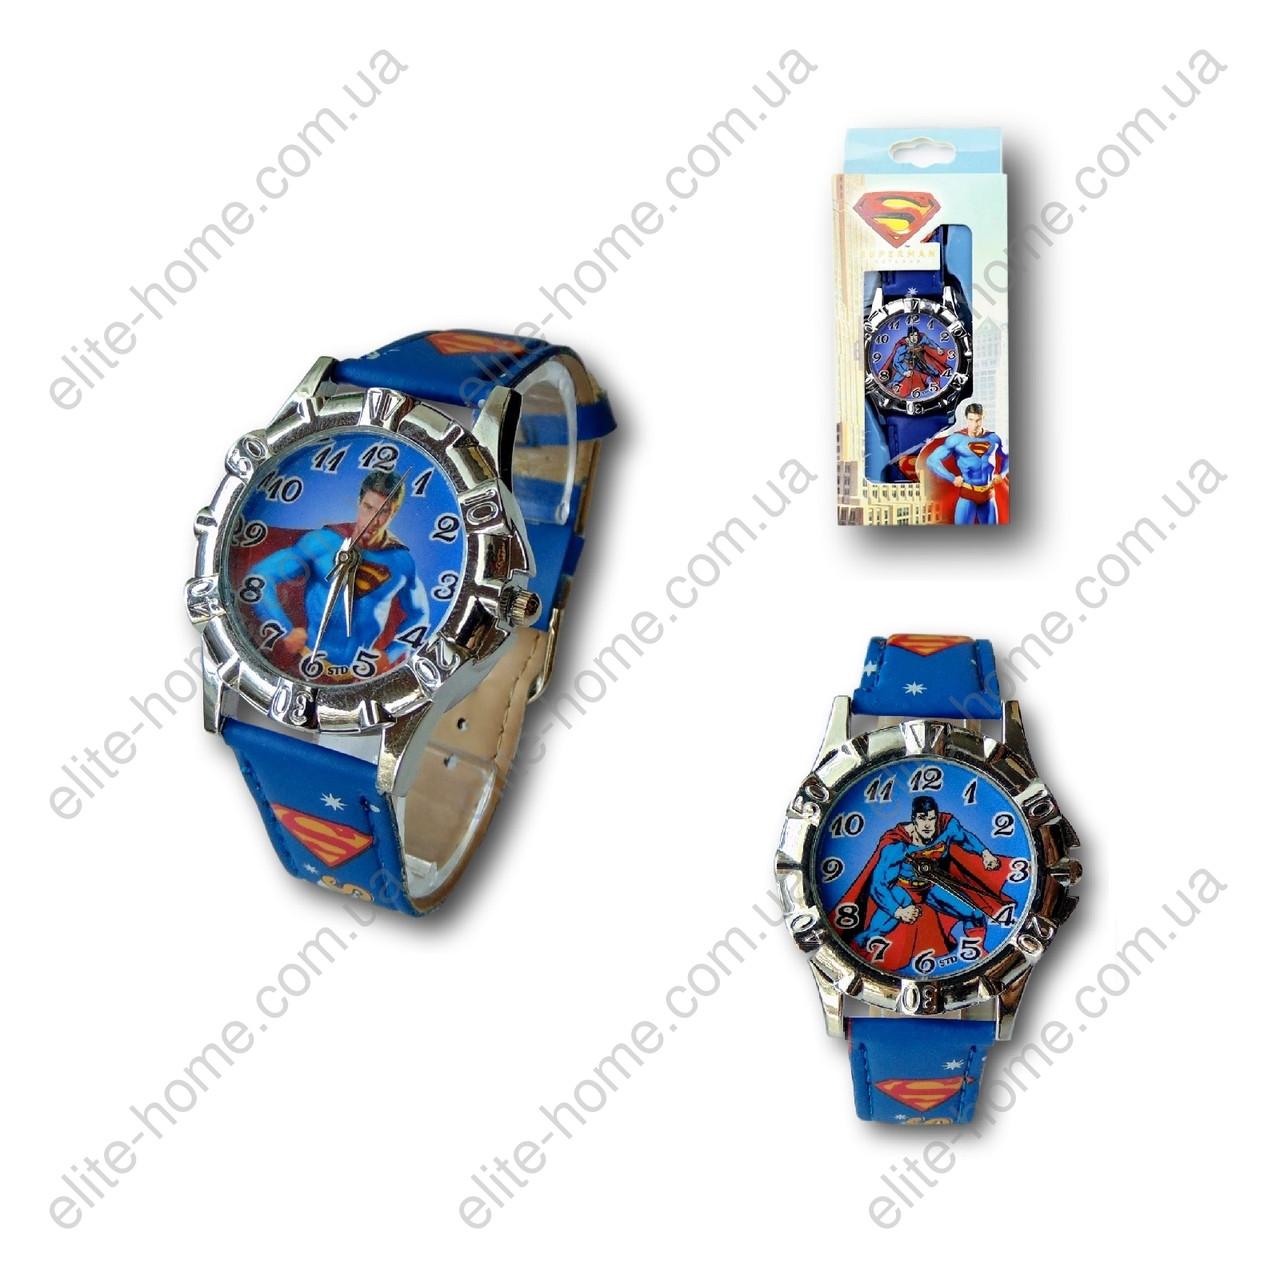 """Дитячі наручні годинники """"Супермен (Superman)"""" в подарунковій упаковці (синій ремінець)"""